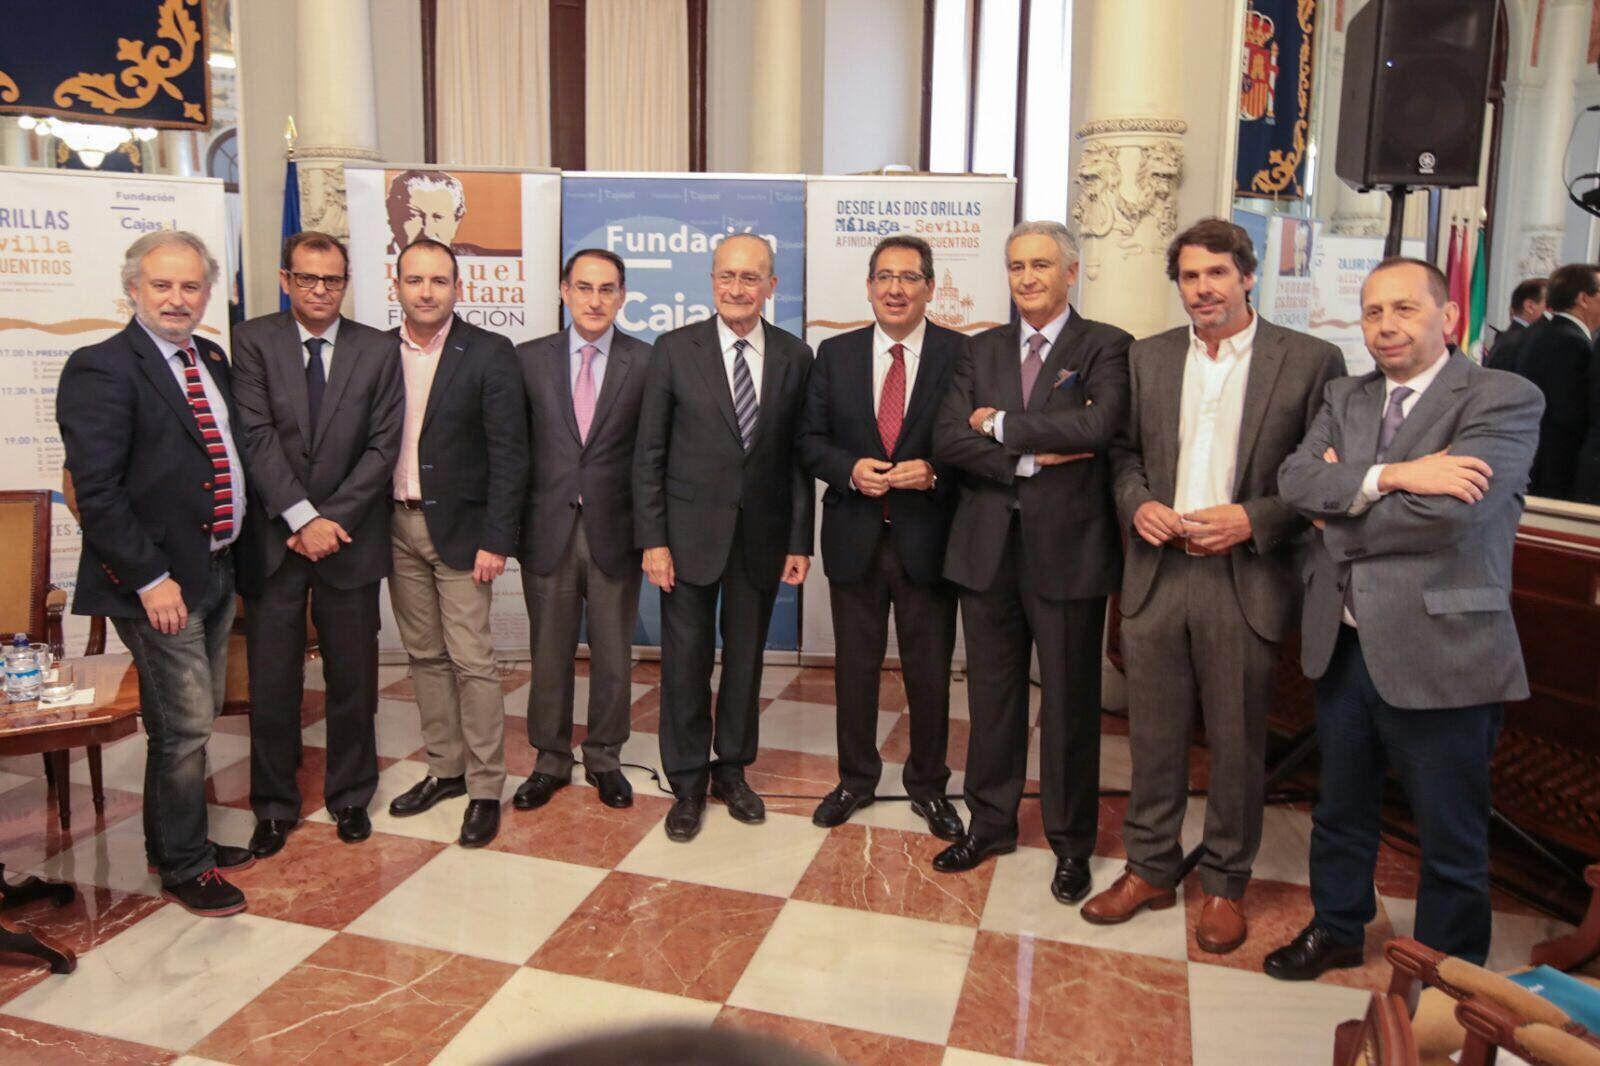 Antonio Pulido en la Jornada 'Dos Orillas' Sevilla-Málaga organizada por la Fundación Manuel Alcántara